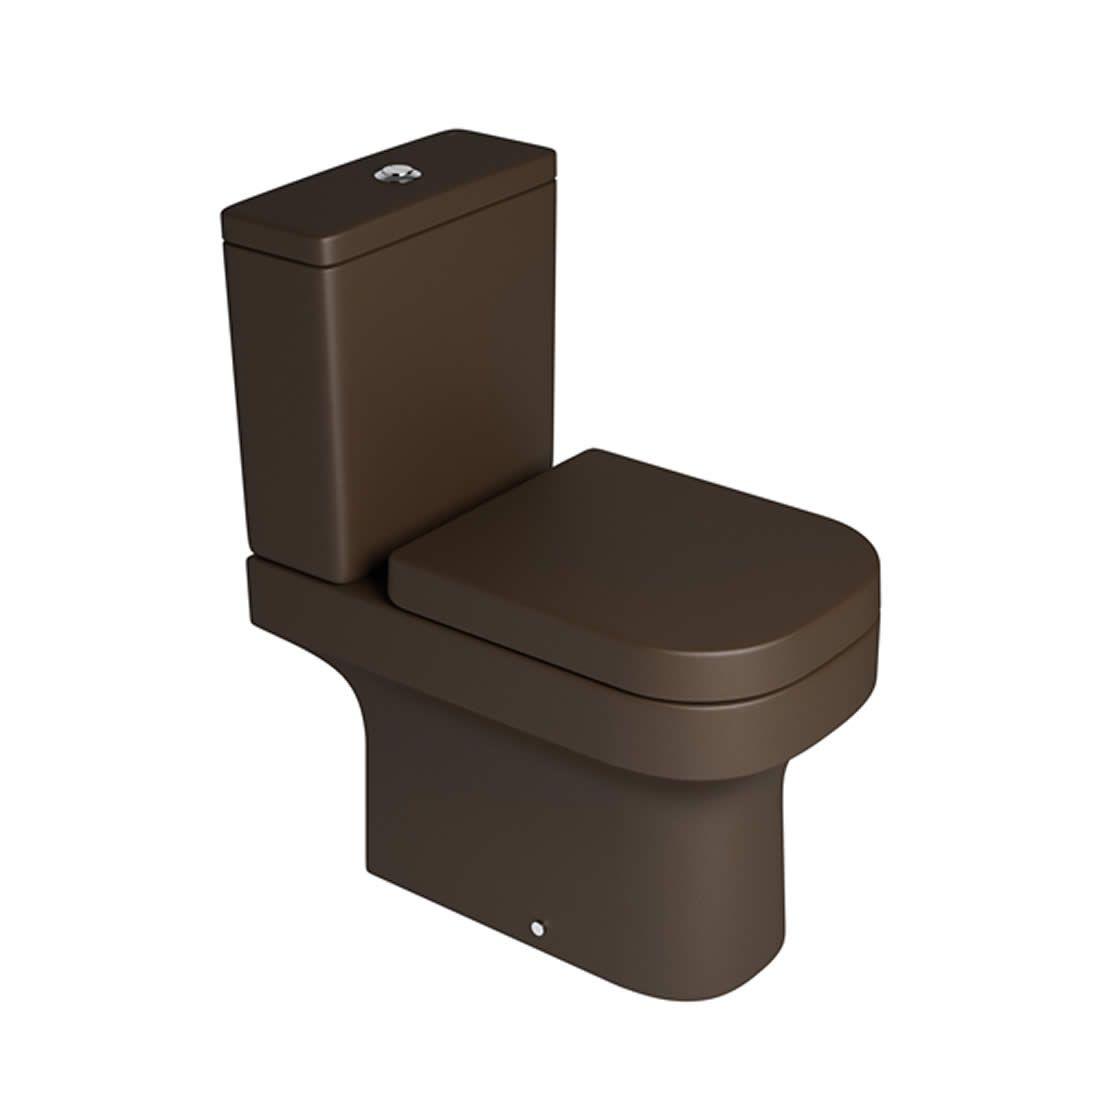 Conjunto Vaso Sanitário com Caixa Acoplada 3/6L Ecoflush Piano Marrom Fosco Deca